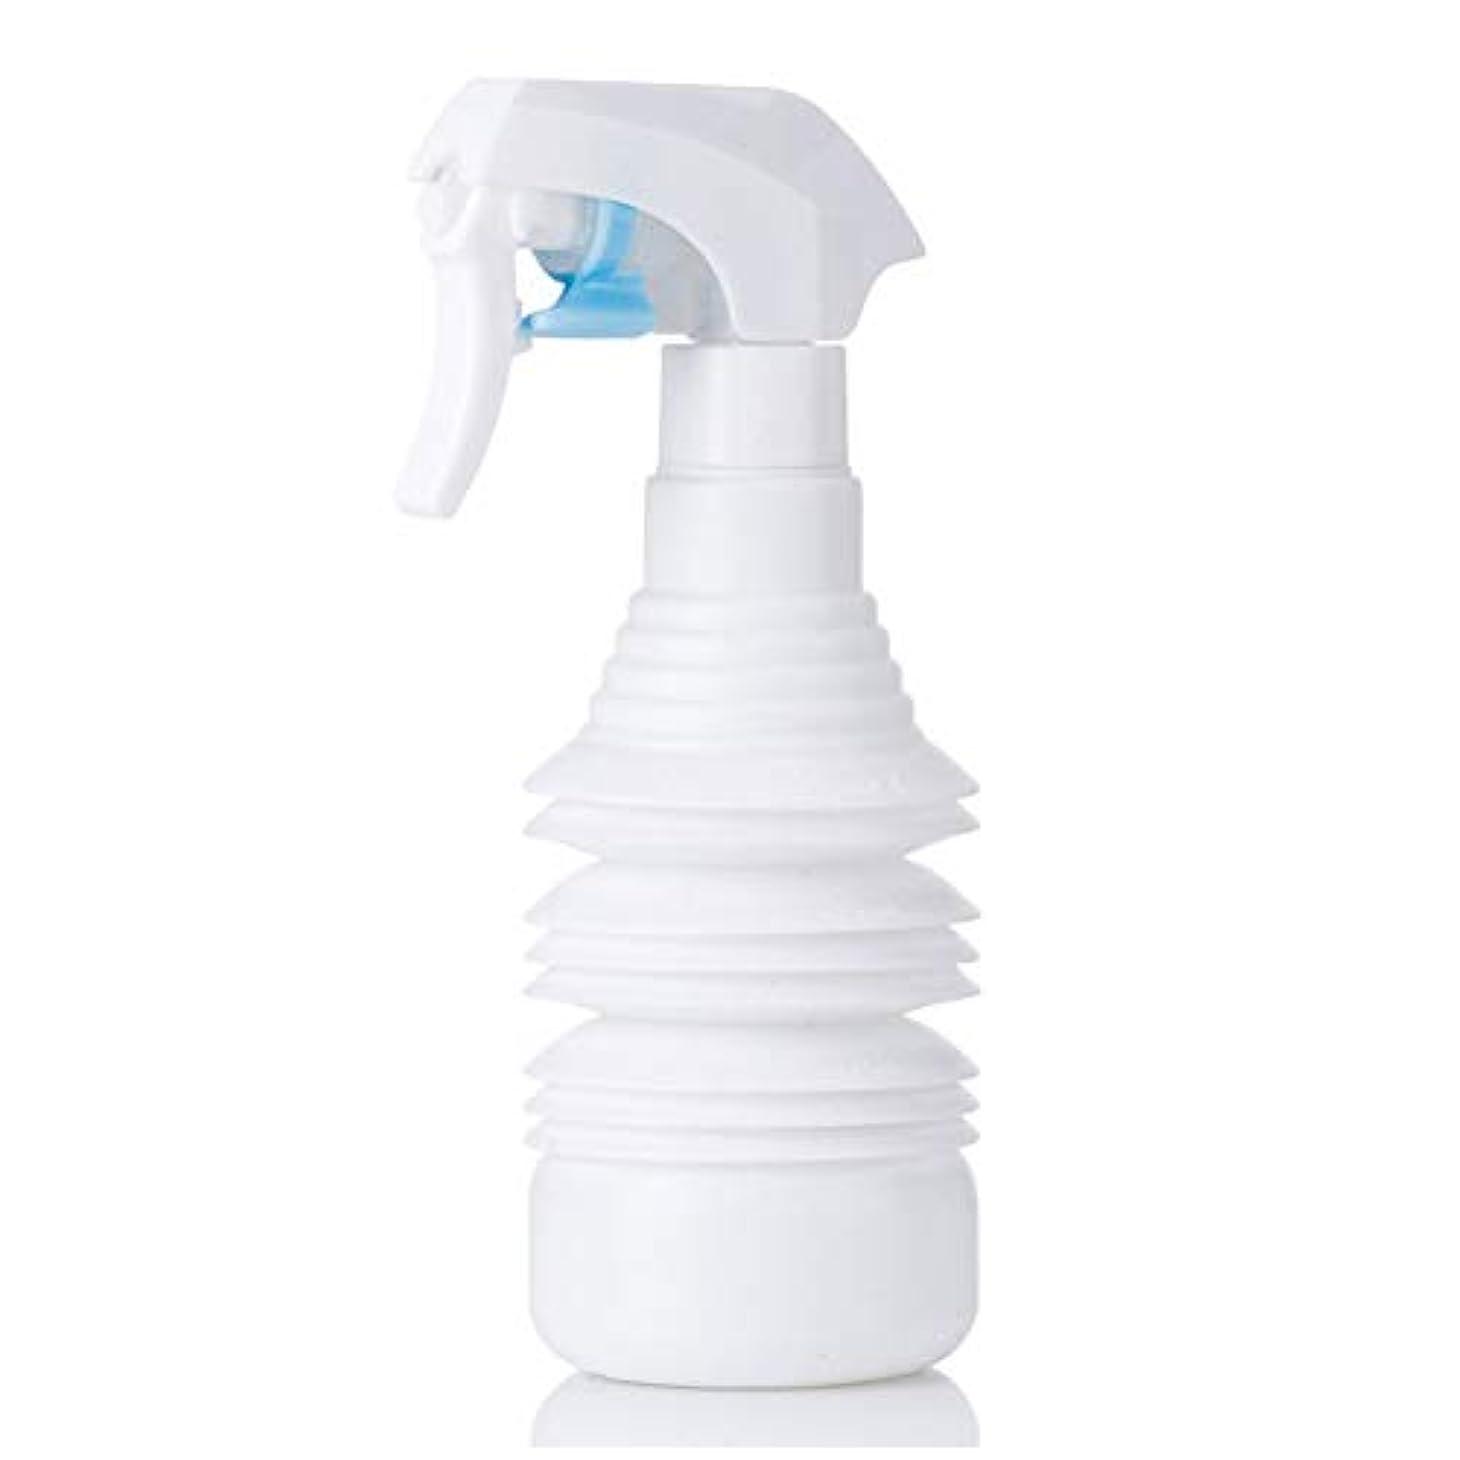 韓国語細部巨大ヘアスタイリストヘアスプレー気化器用カーリーヘアスプレーボトルアトマイザー1100ml空スプレー用伸縮式超微細スプレーボトル-ブラック,白